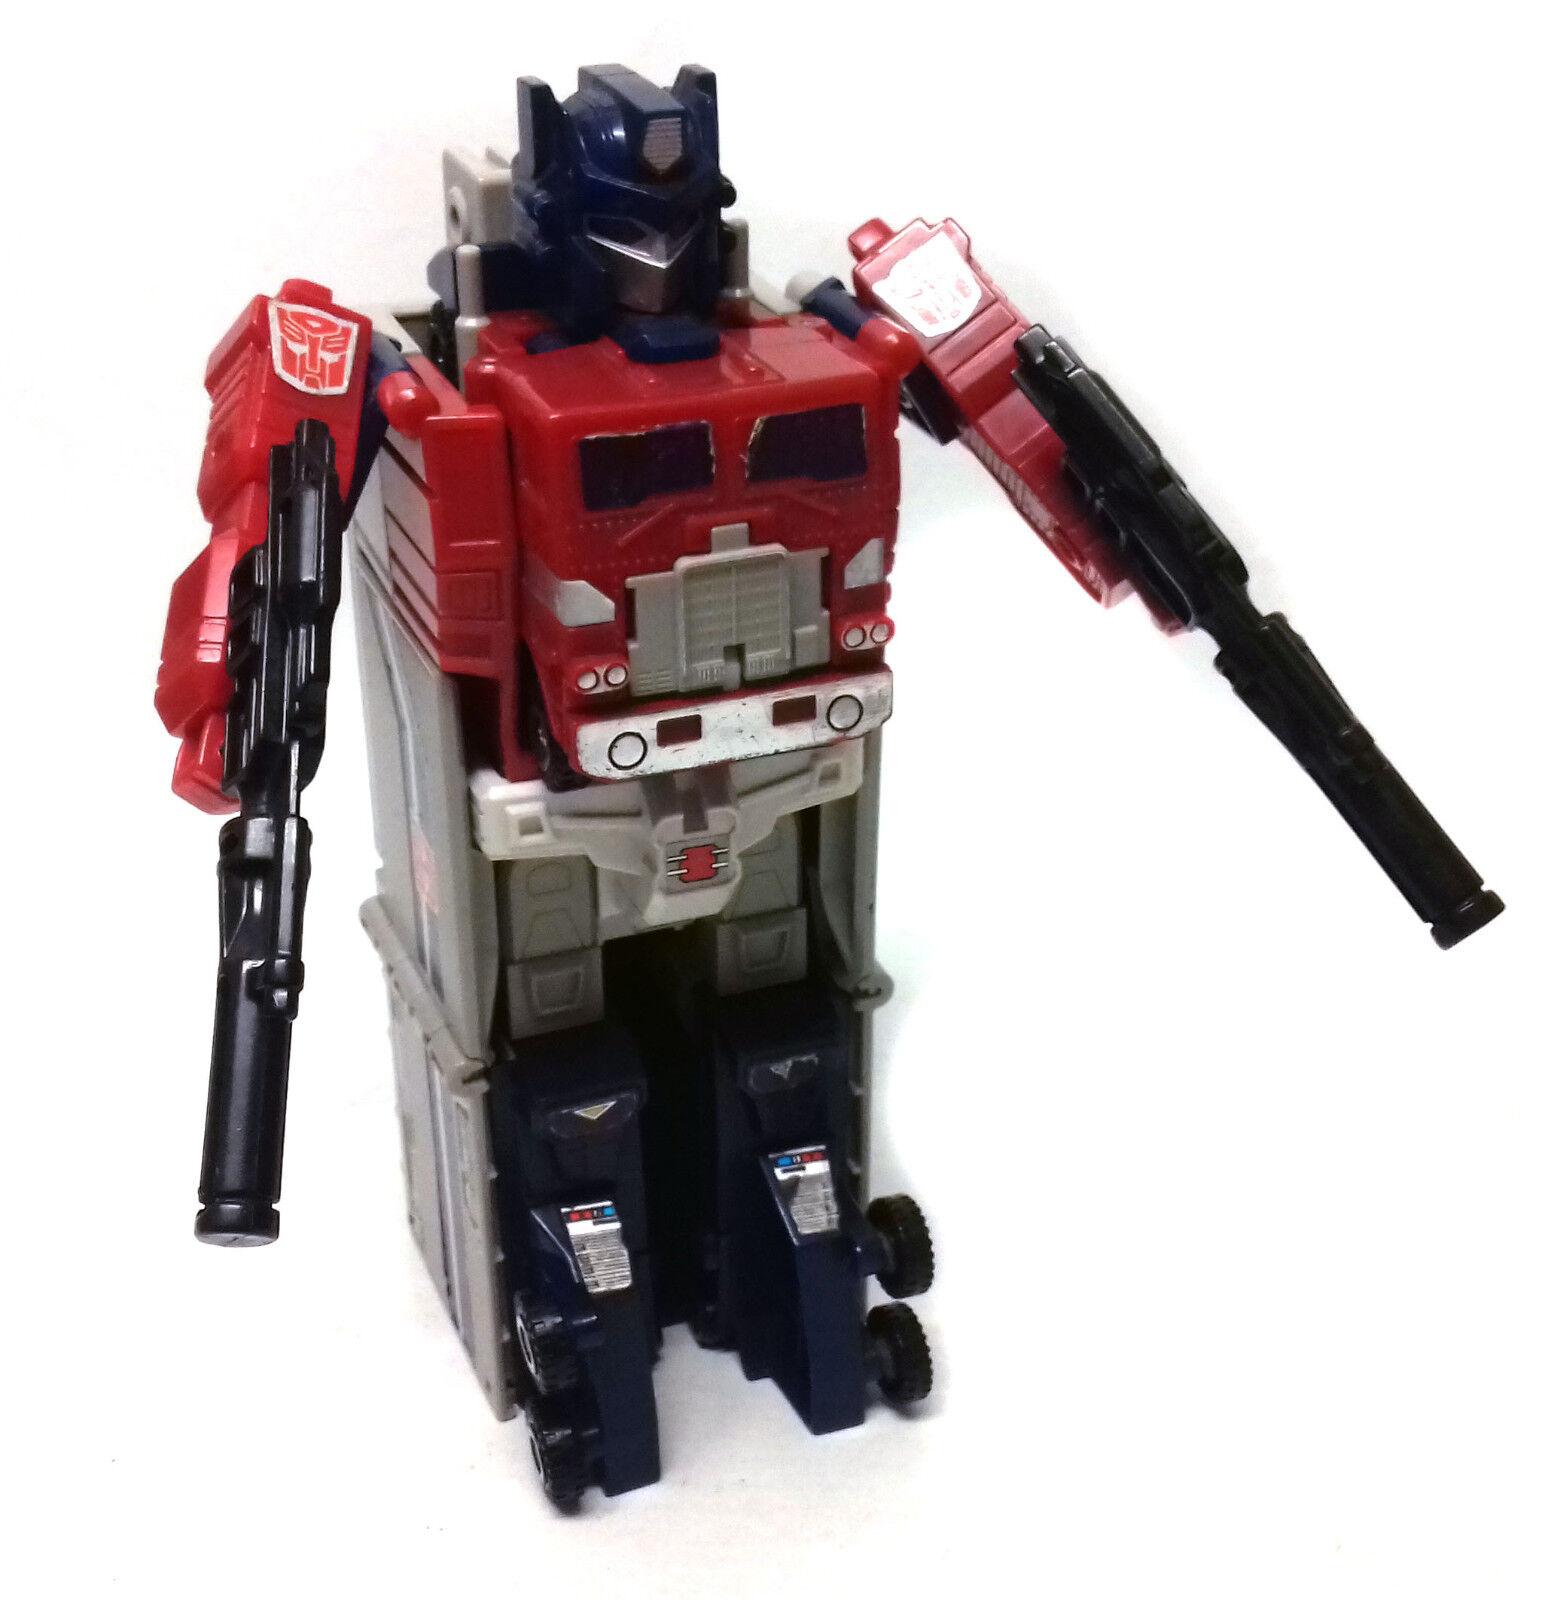 Vintage Transformers G1 Optimus Prime Figura de juguete de maestro de energía CAMIÓN, algunas partes